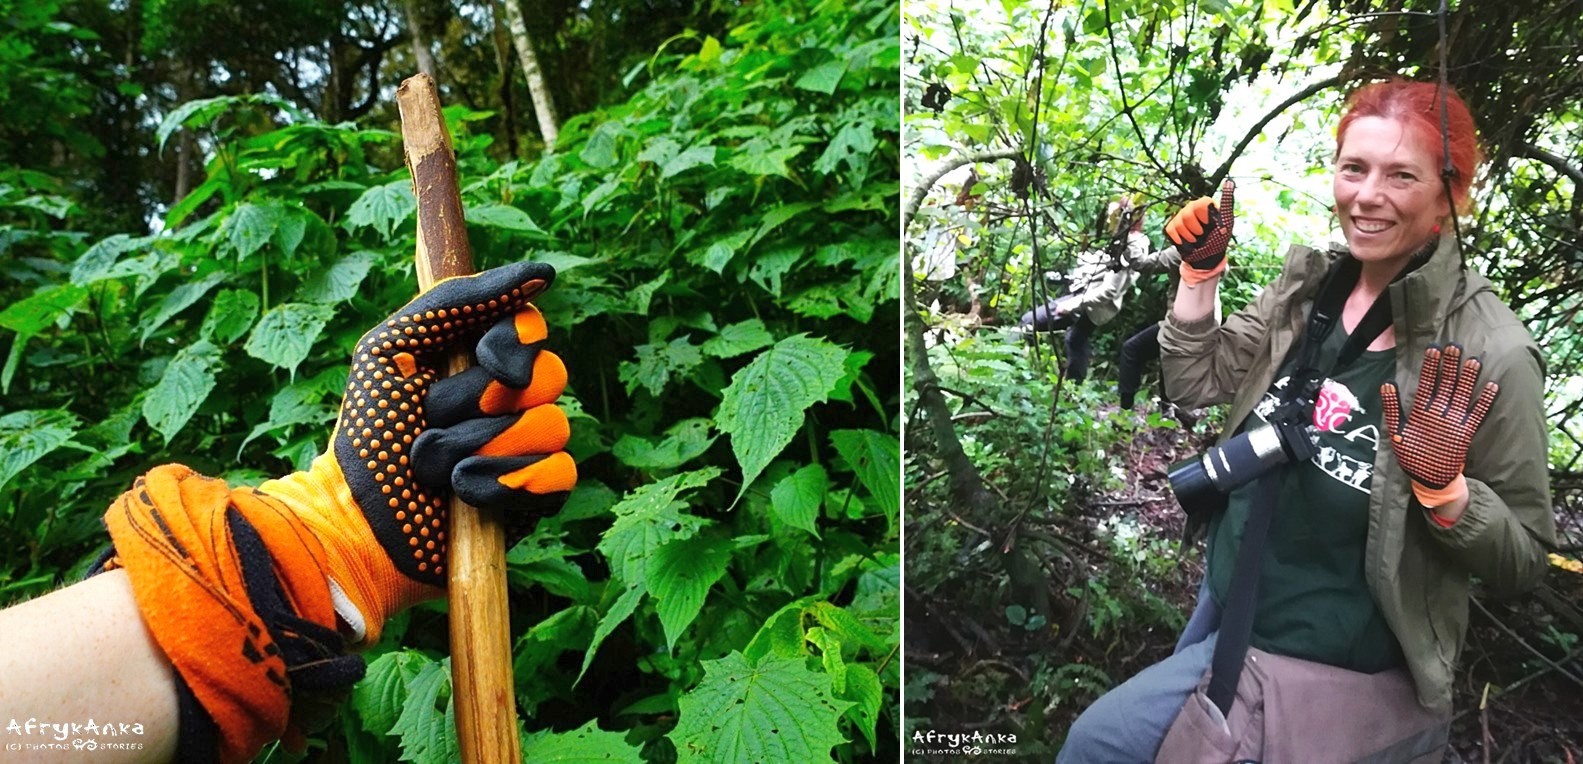 Zestaw na wędrówki po lesie. Rękawiczki, bandanka, kijek!